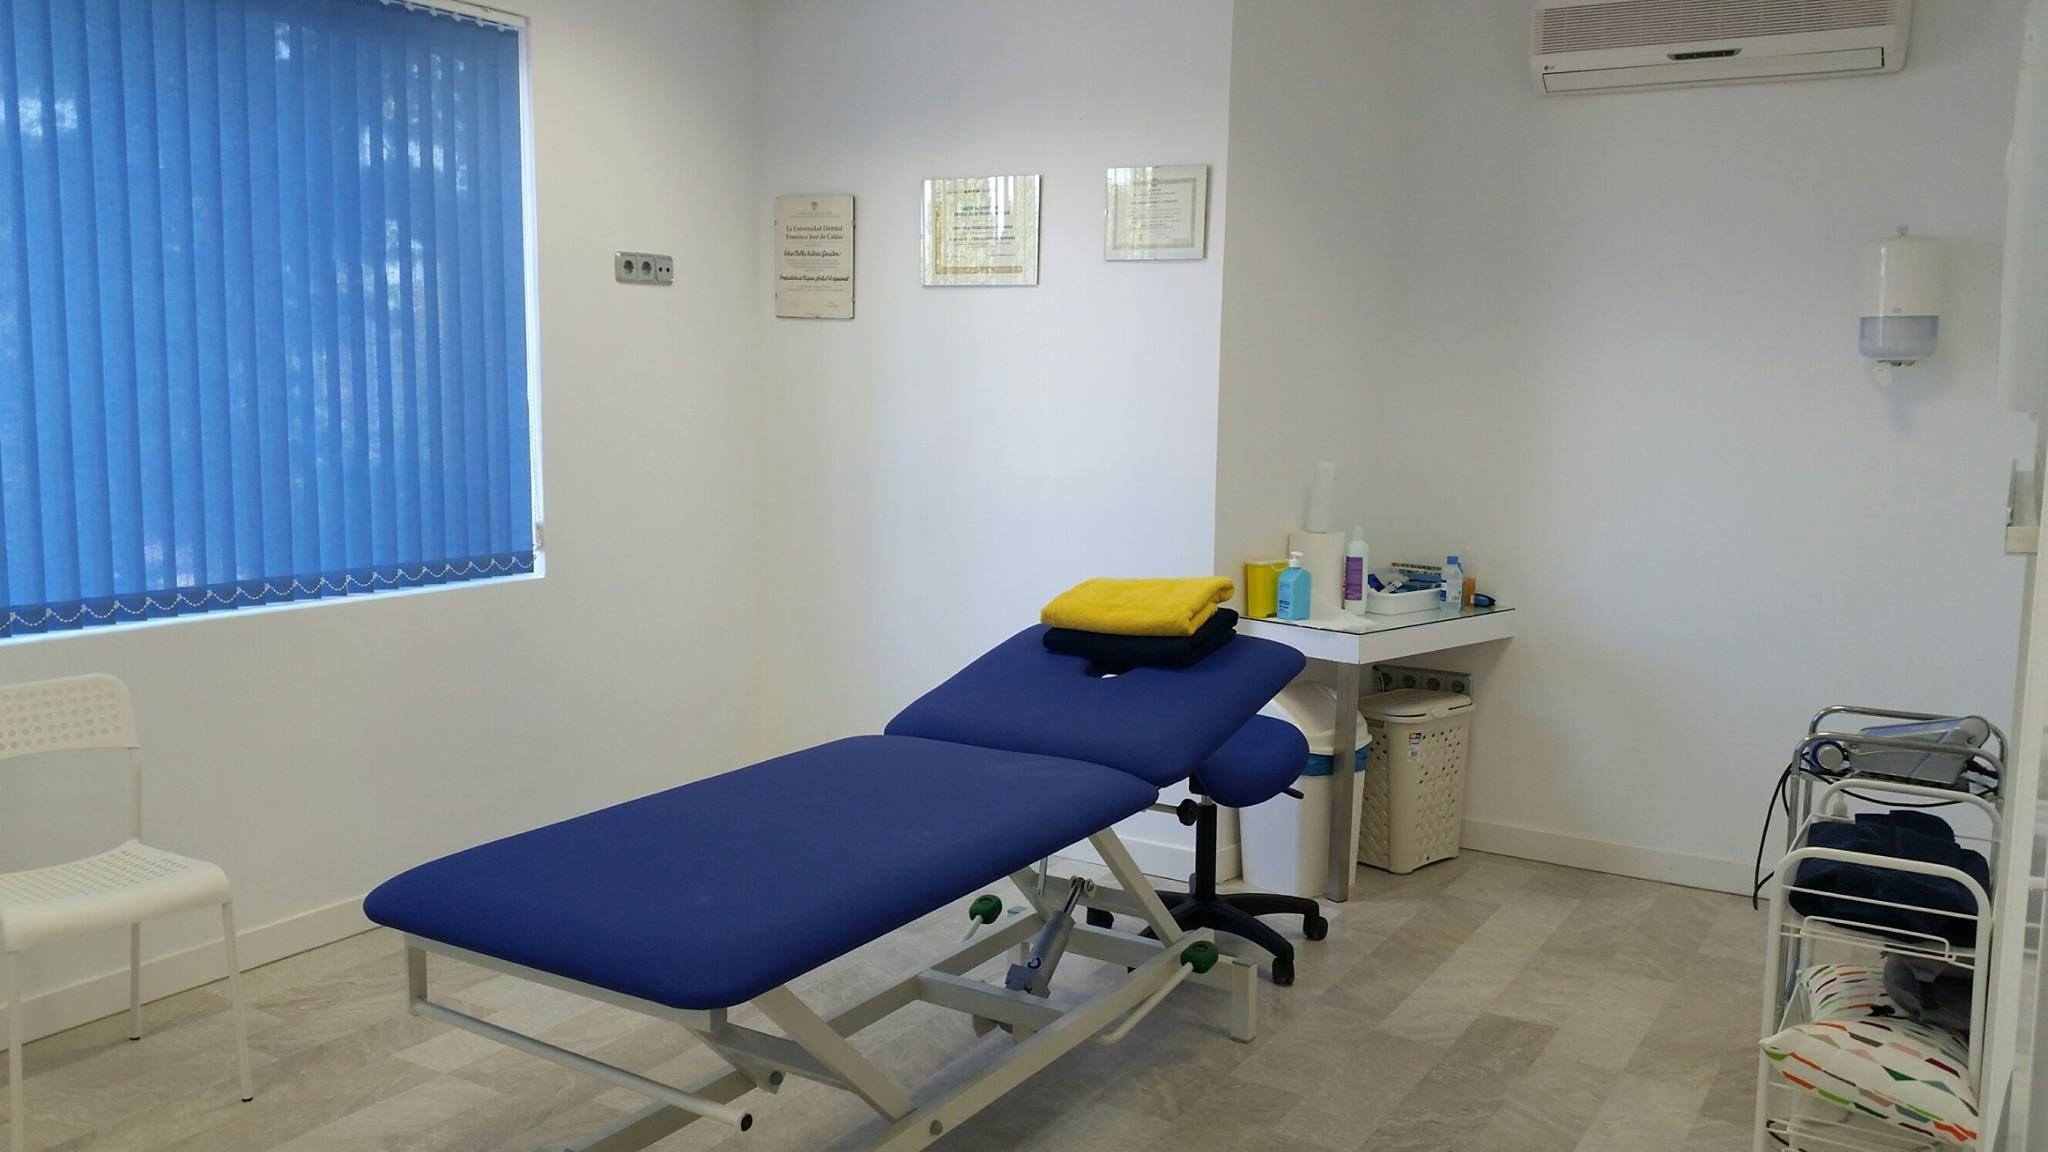 Centro de fisioterapia en Arganda del Rey